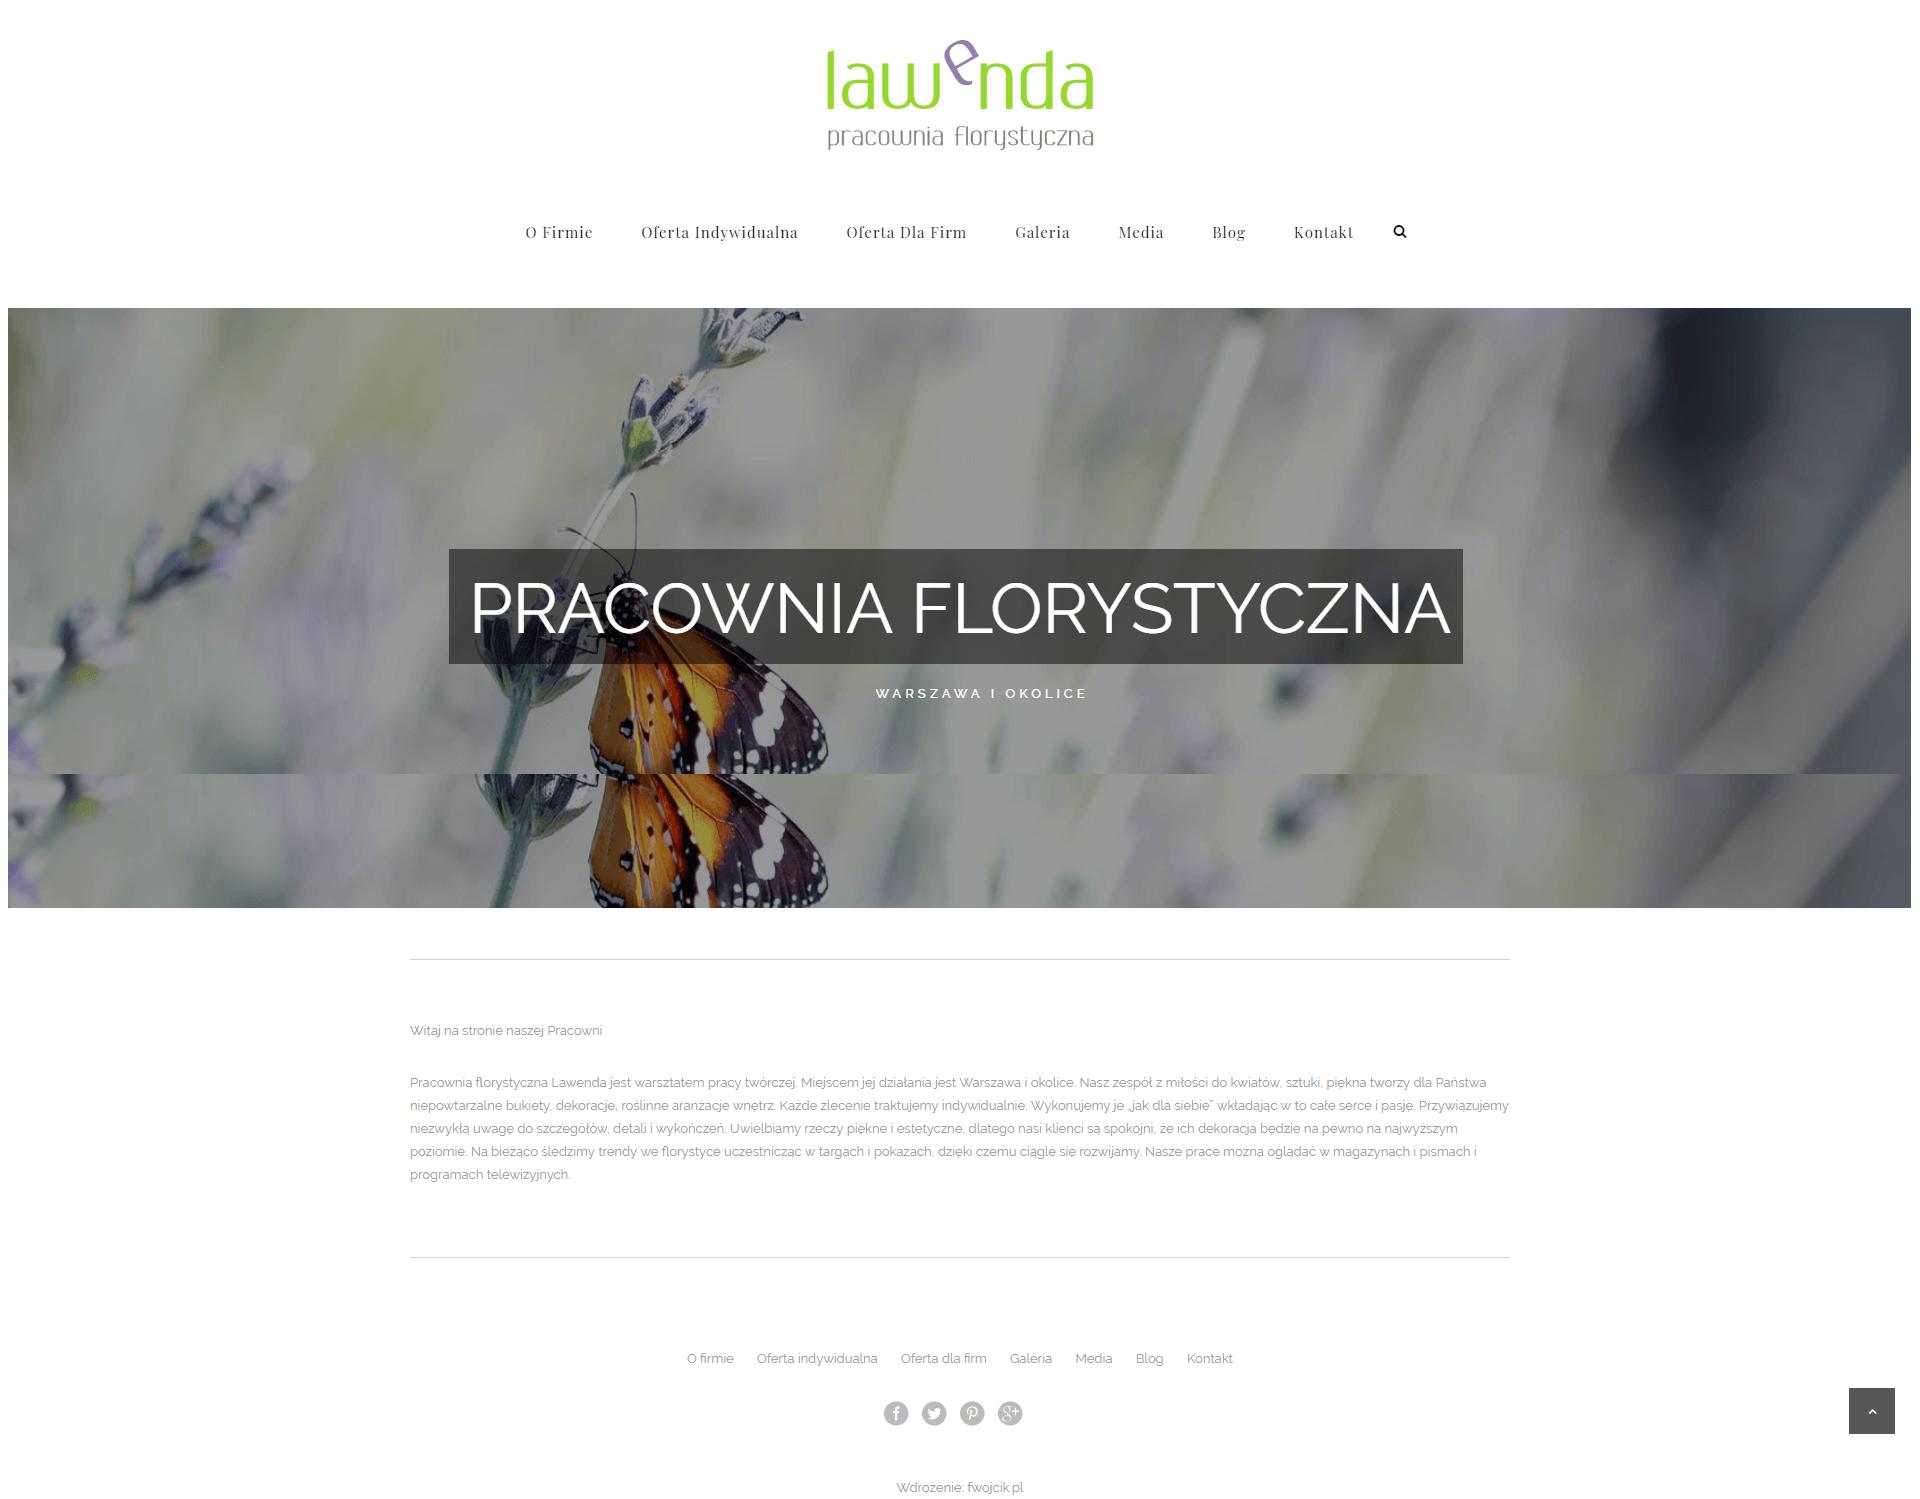 Lawenda - pracownia florystyczna 1